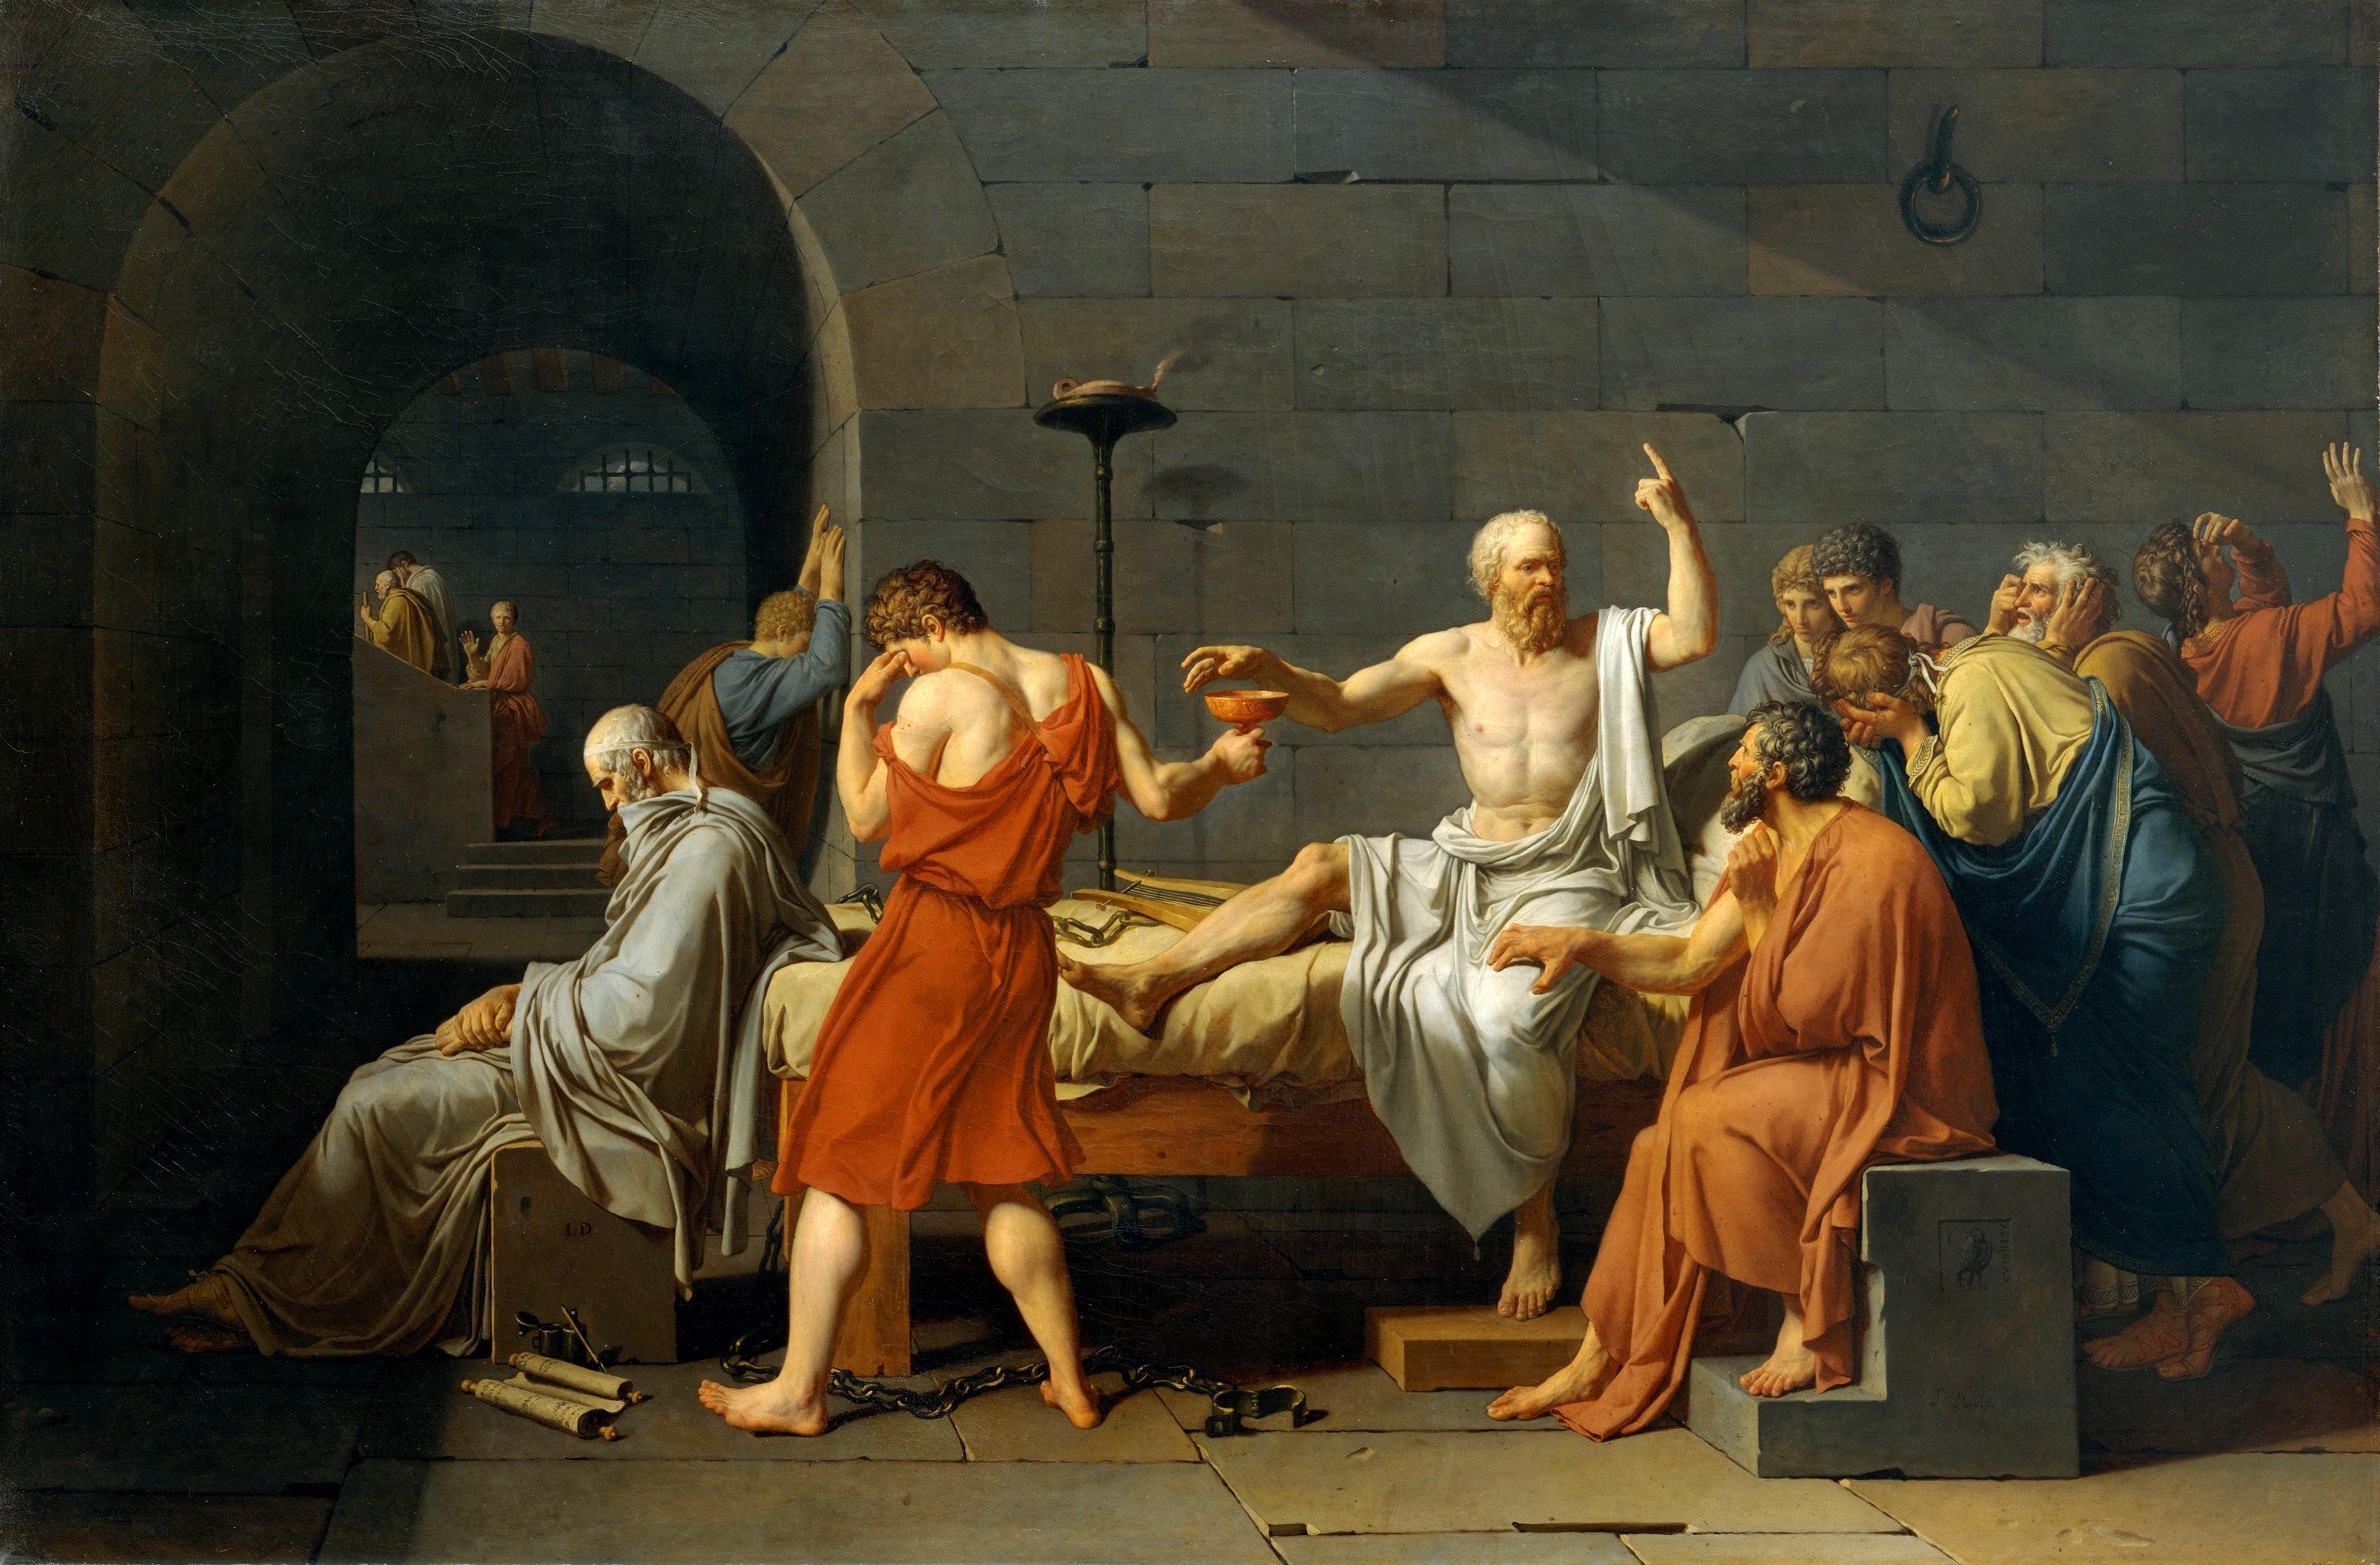 La creatividad científica y el arte: La muerte de Sócrates